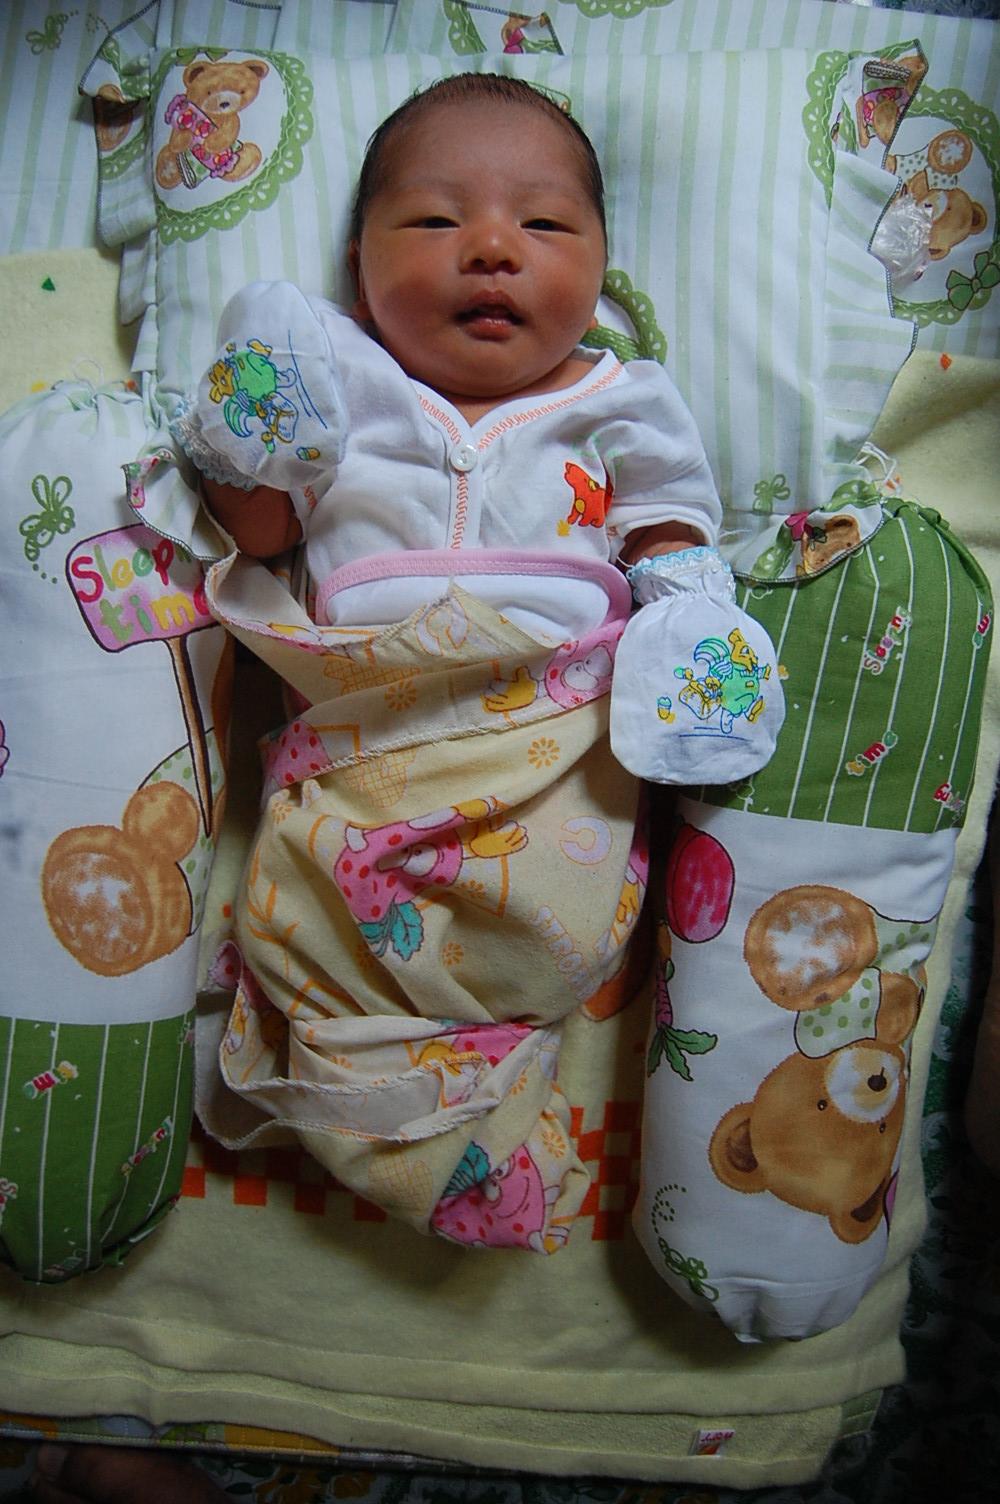 Logikanya kaos tangan dan kaos kaki pada bayi dapat menghambat perkembangan  indra perabaan bayi. Bahkan jika kaos kaki dan kaos tangan itu terlalu  ketat ... 60f05a85c2